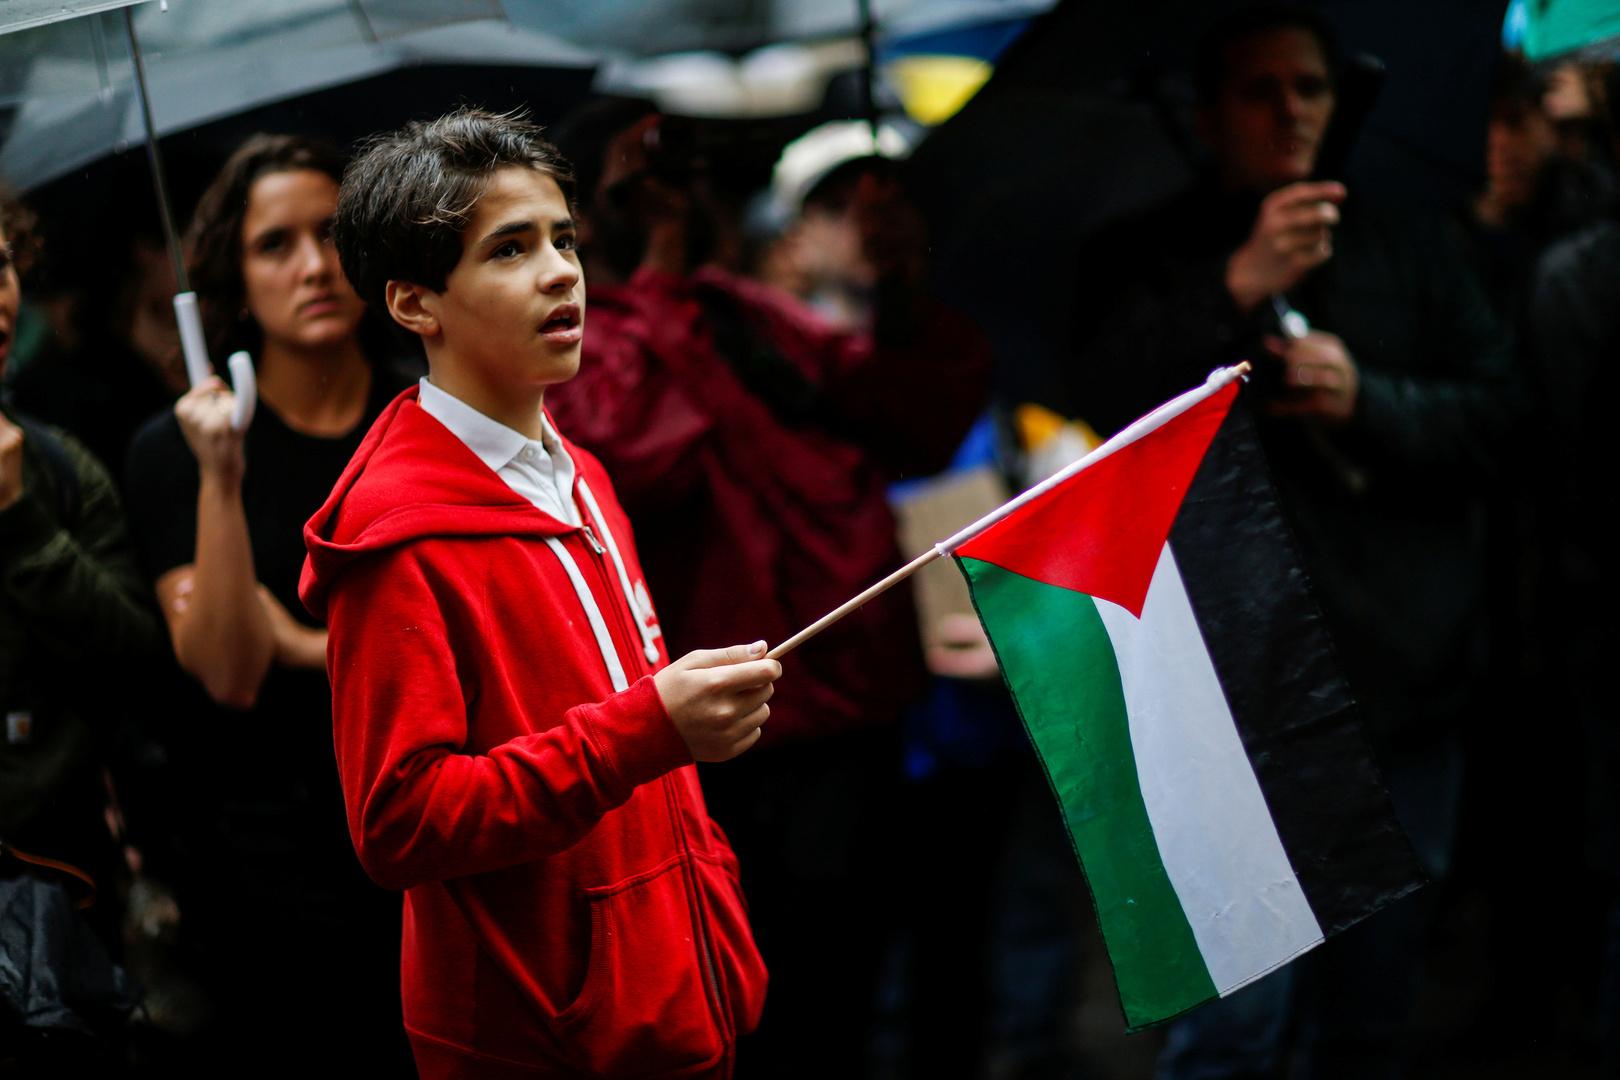 صبي يحمل العلم الفلسطيني في مظاهرة داعمة لفلسطين في الولايات المتحدة